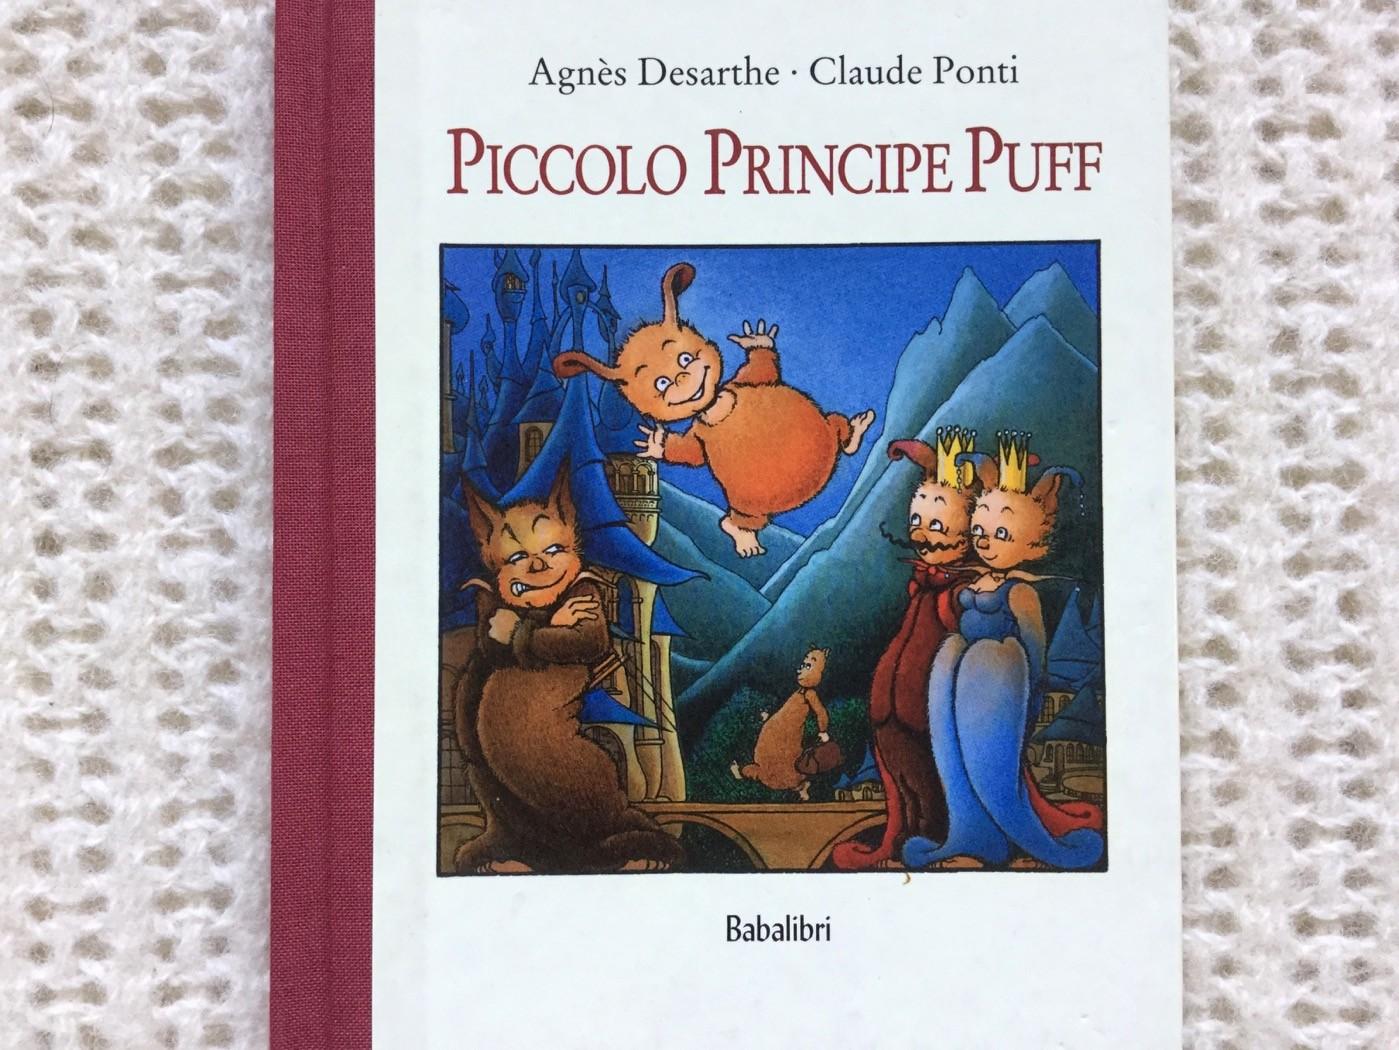 Piccolo_Principe_Puff_Agnès_Desarthe_Claude_Ponti_Babalibri_Galline_Volanti